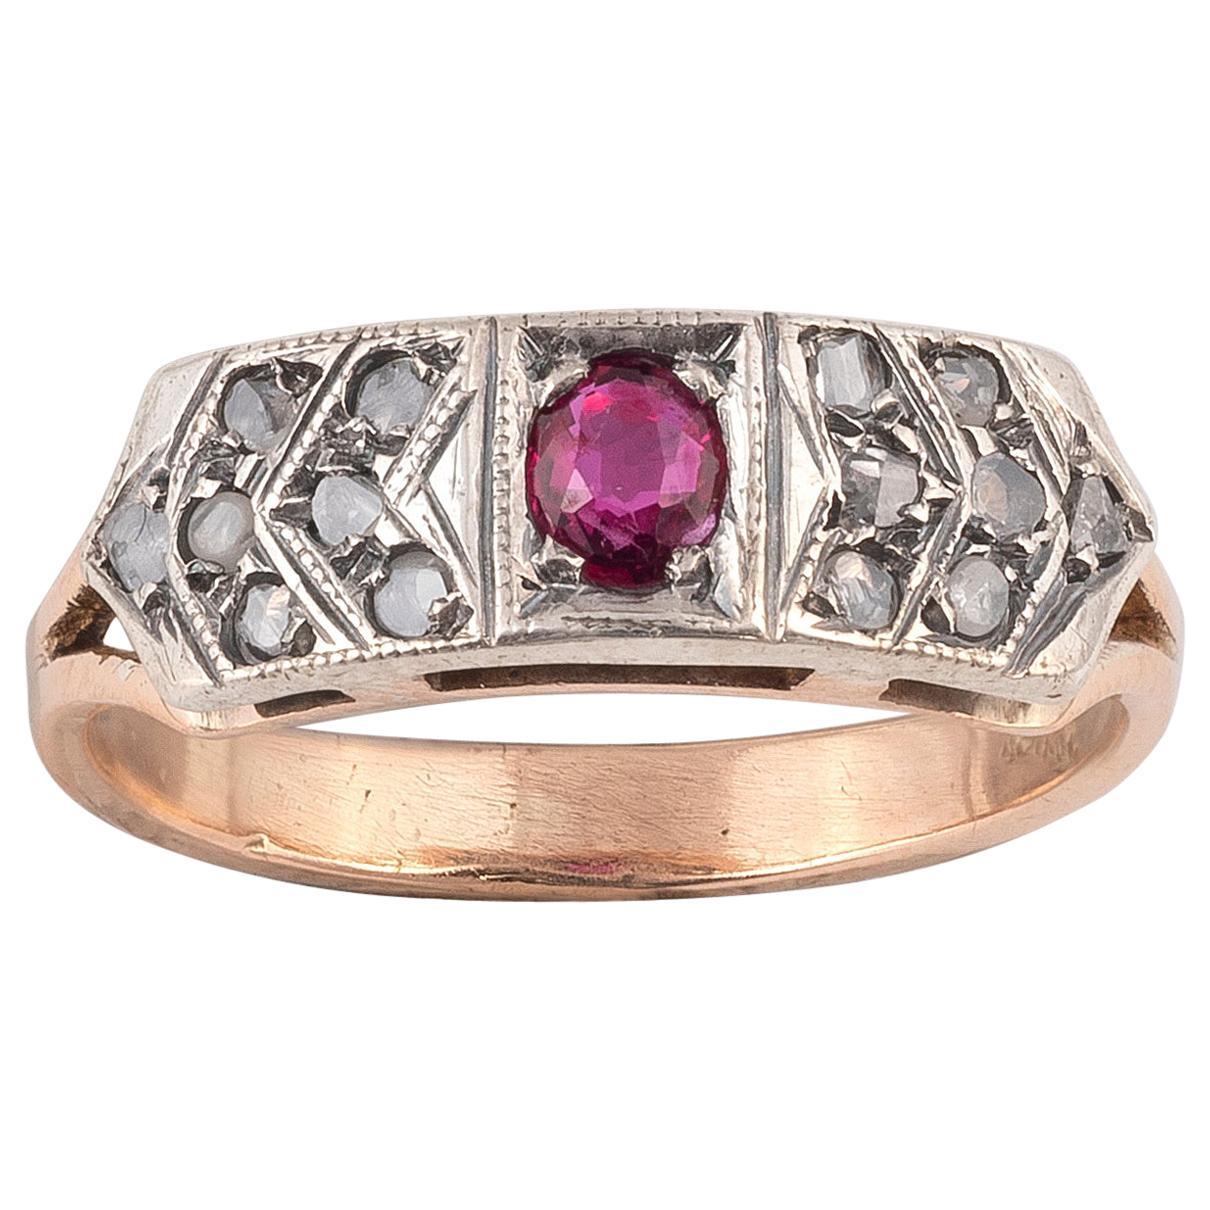 18 Karat Yellow Gold Rose Diamond and Ruby Ring